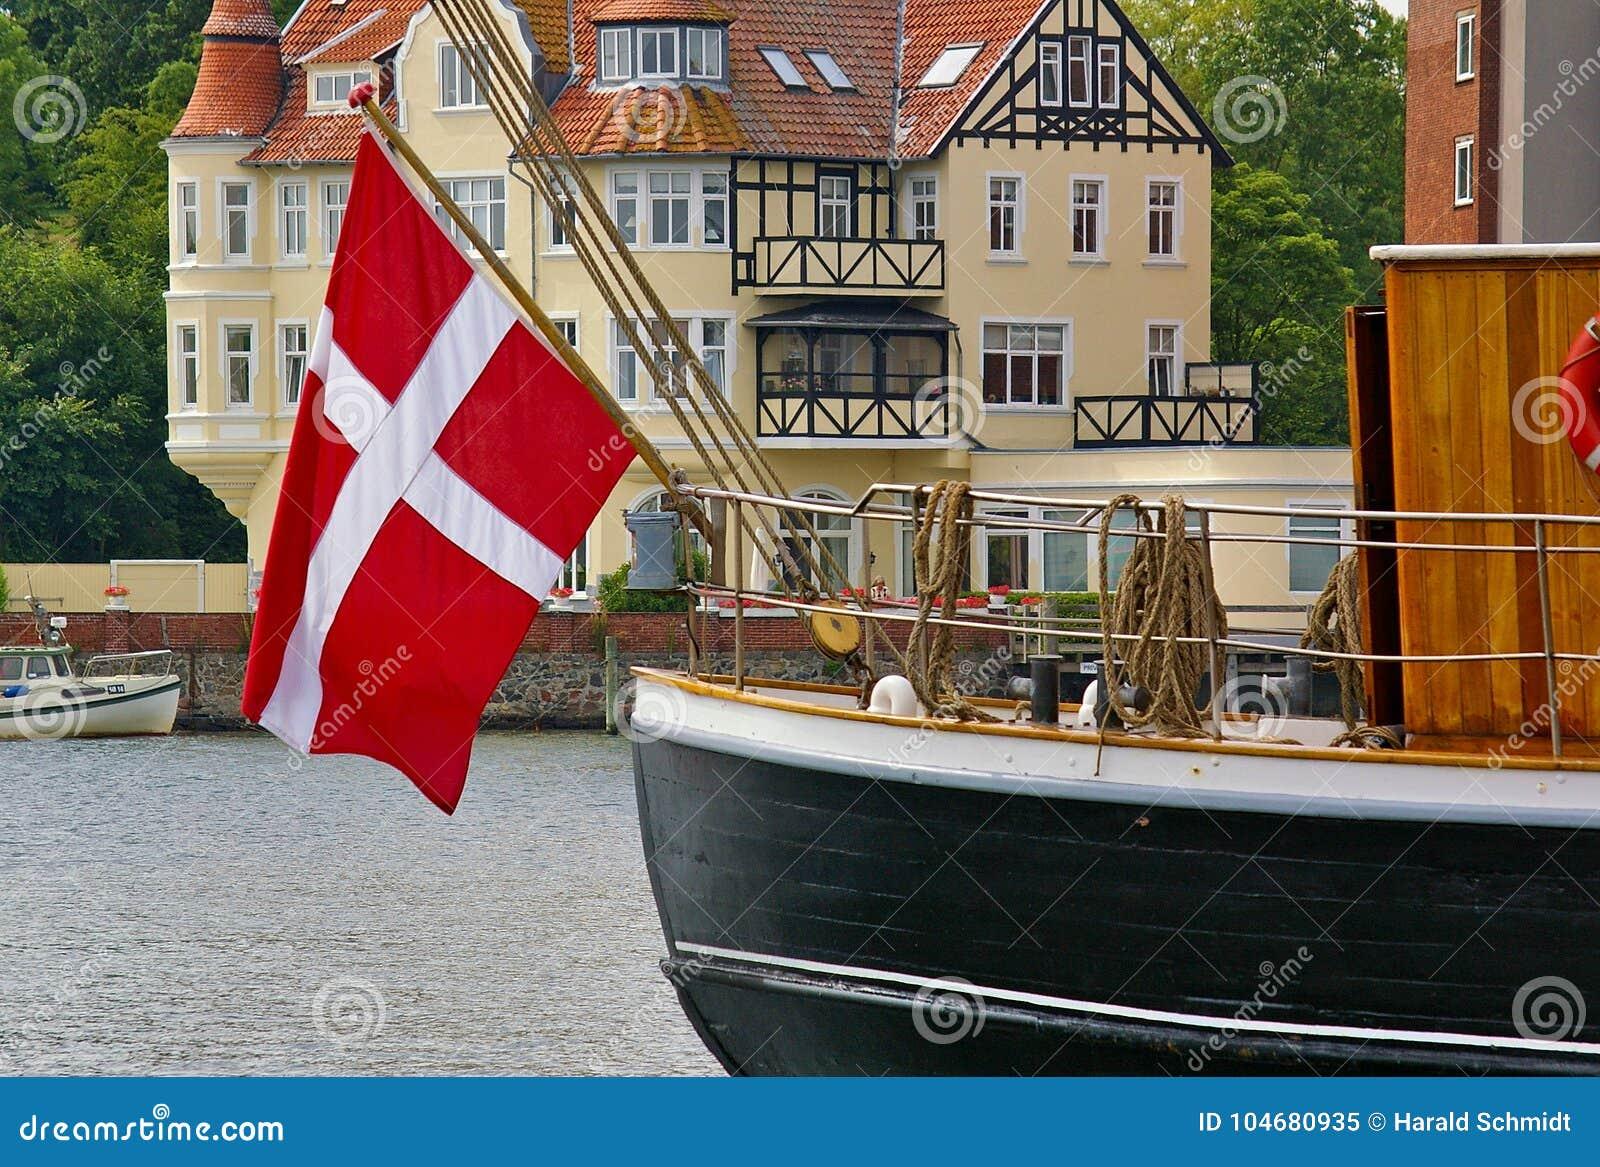 Bateau de navigation traditionnel avec le grand drapeau national danois pendant de la poupe dans le port de Sonderborg, Danemark